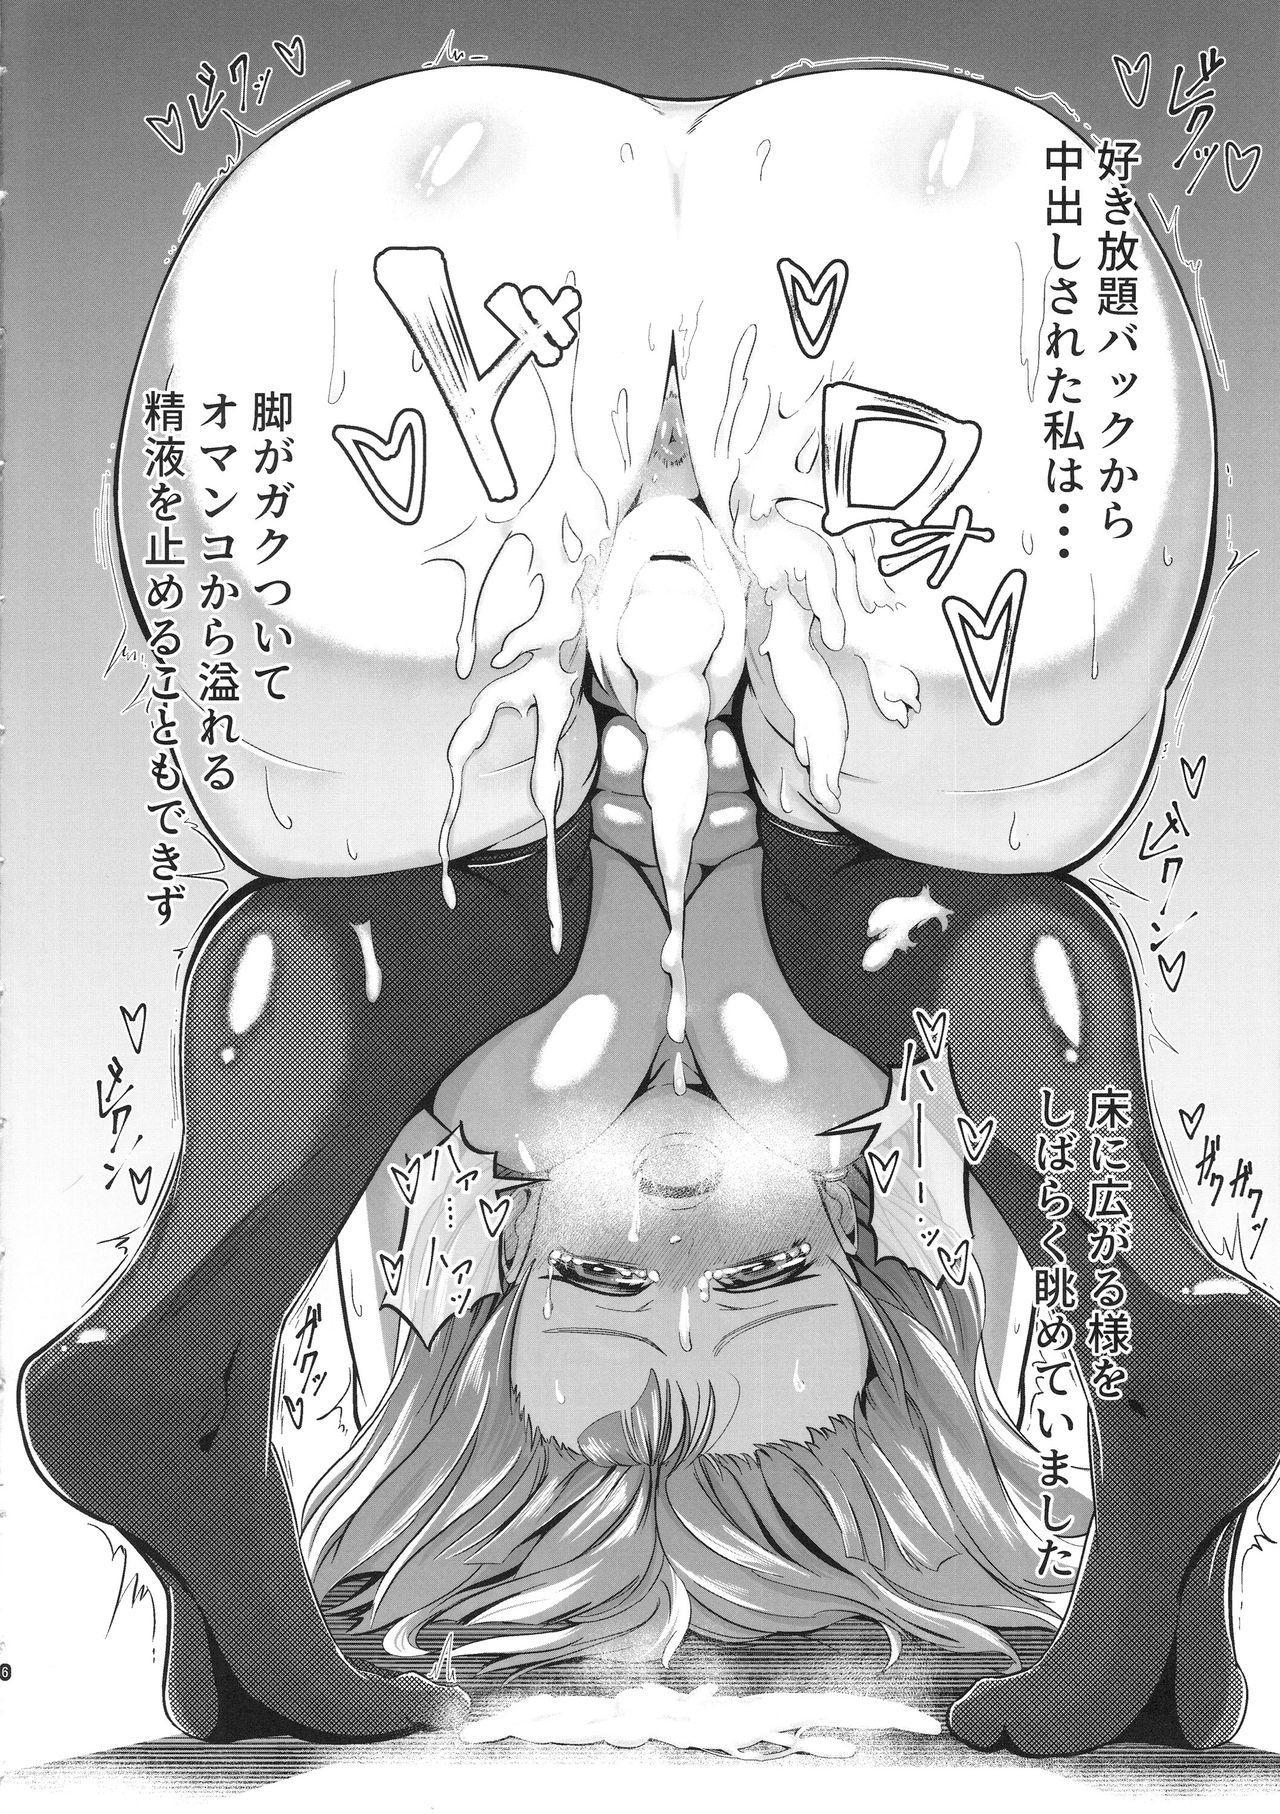 Kareshi ga Dekita Takebe Saori-san ga Zetsurin Chinpo de Tobu made Okasareru Hon 4